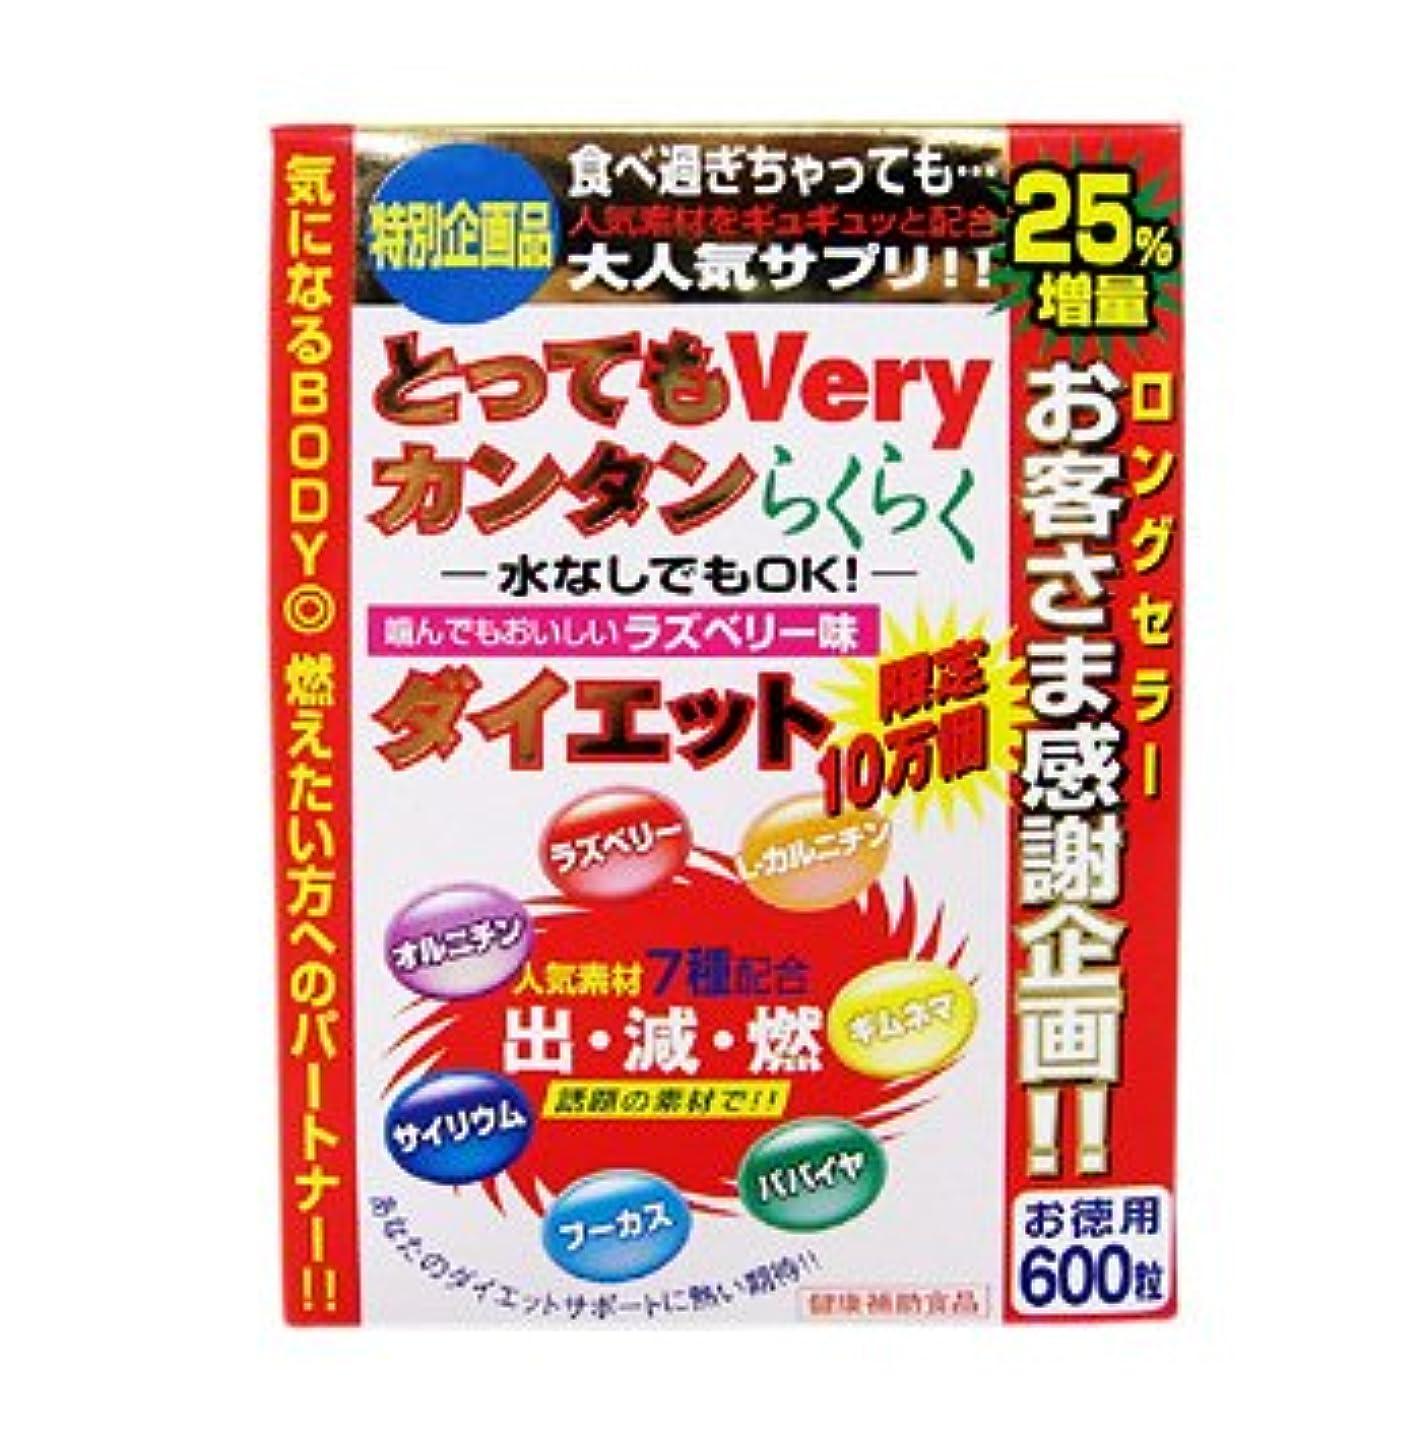 コースピニオン暗くするジャパンギャルズ とってもVery カンタンらくらくダイエット お徳用 600粒 とってもベリー×5個セット